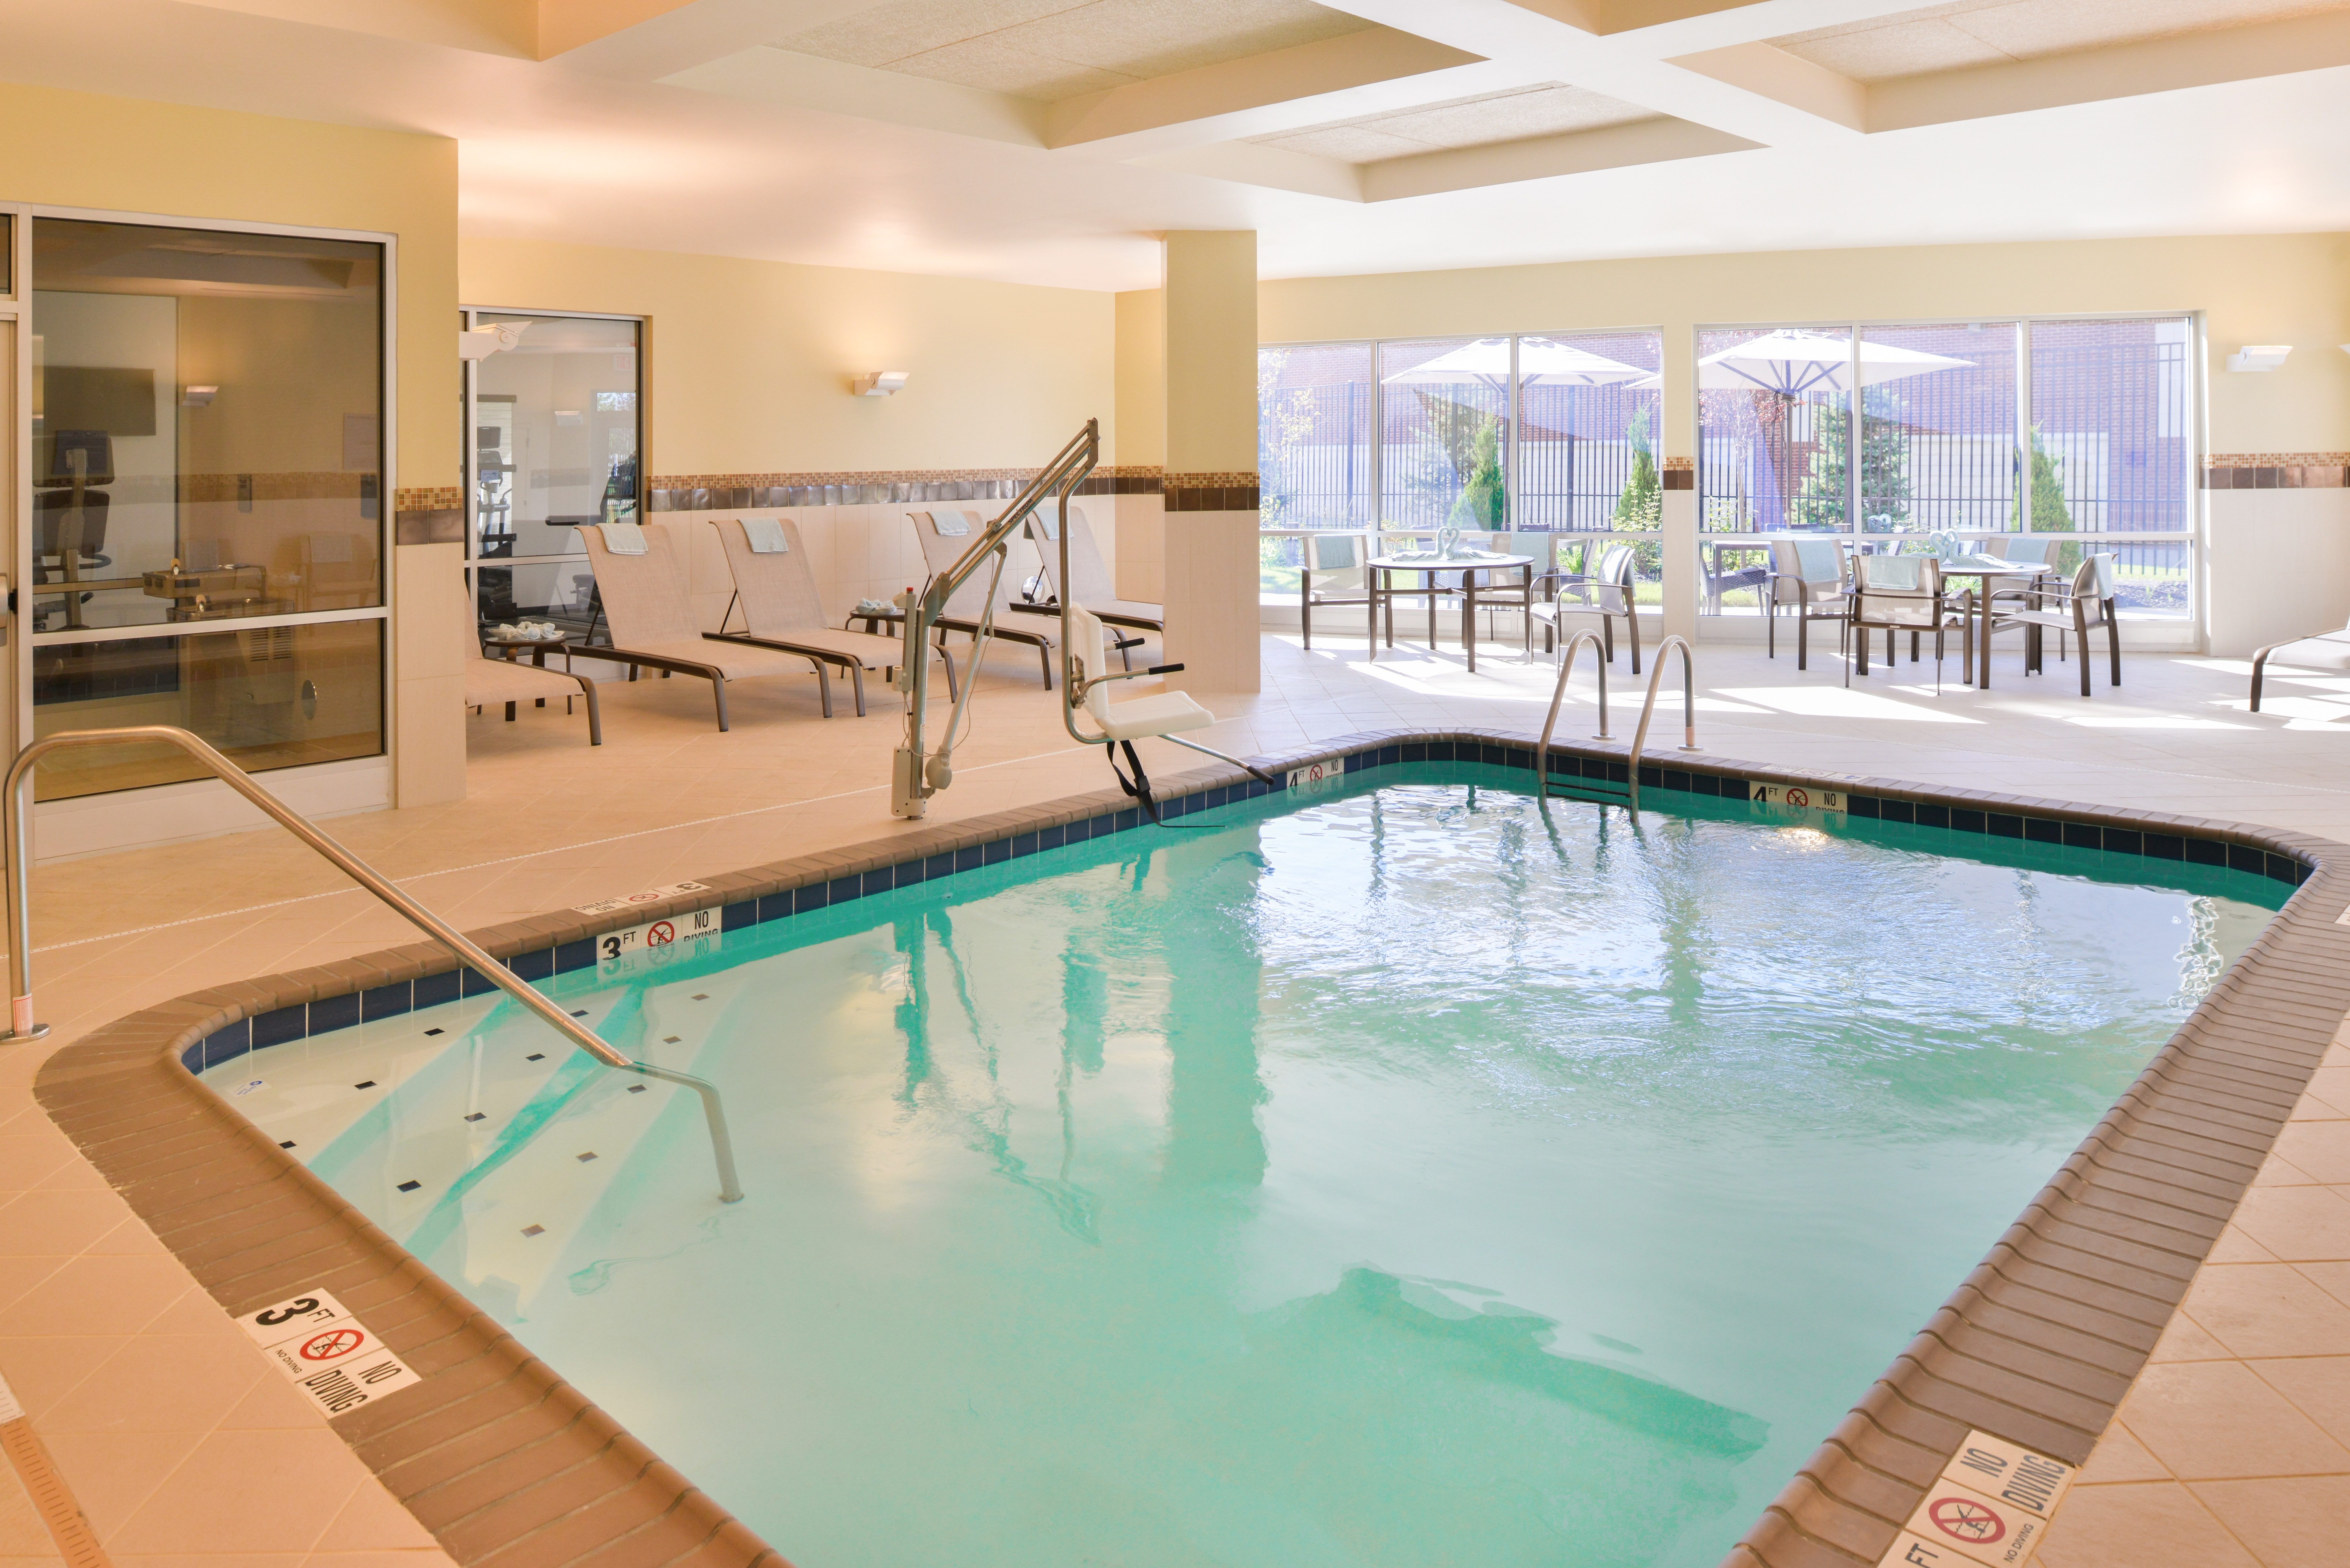 https://www.hotelsbyday.com/_data/default-hotel_image/3/15675/cy-cmhcg-pool4.jpg